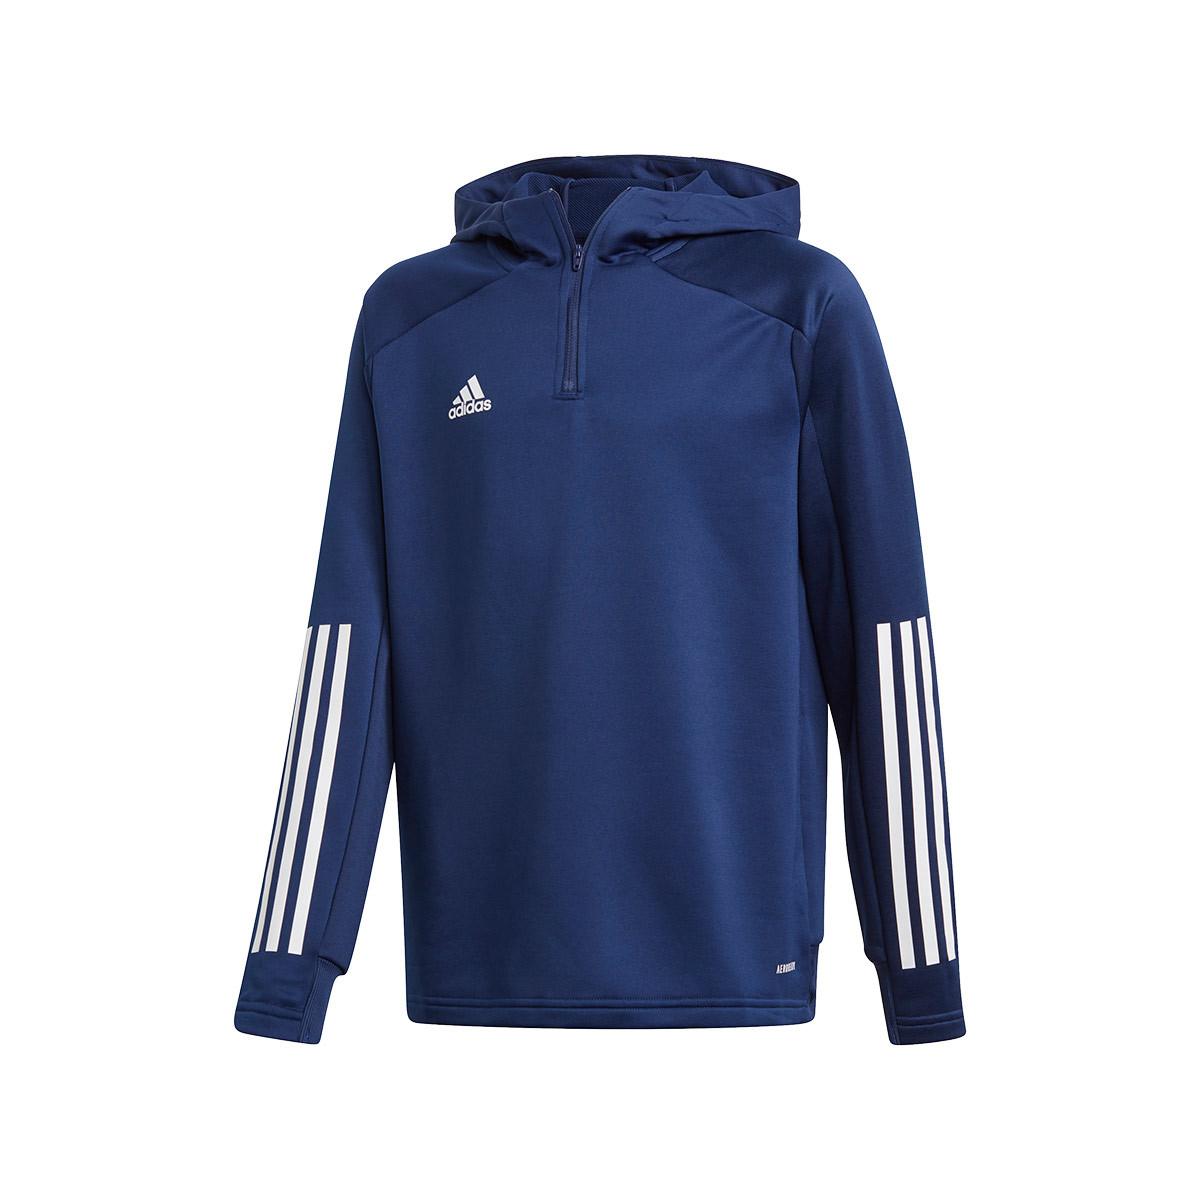 adidas hoodie navy blue